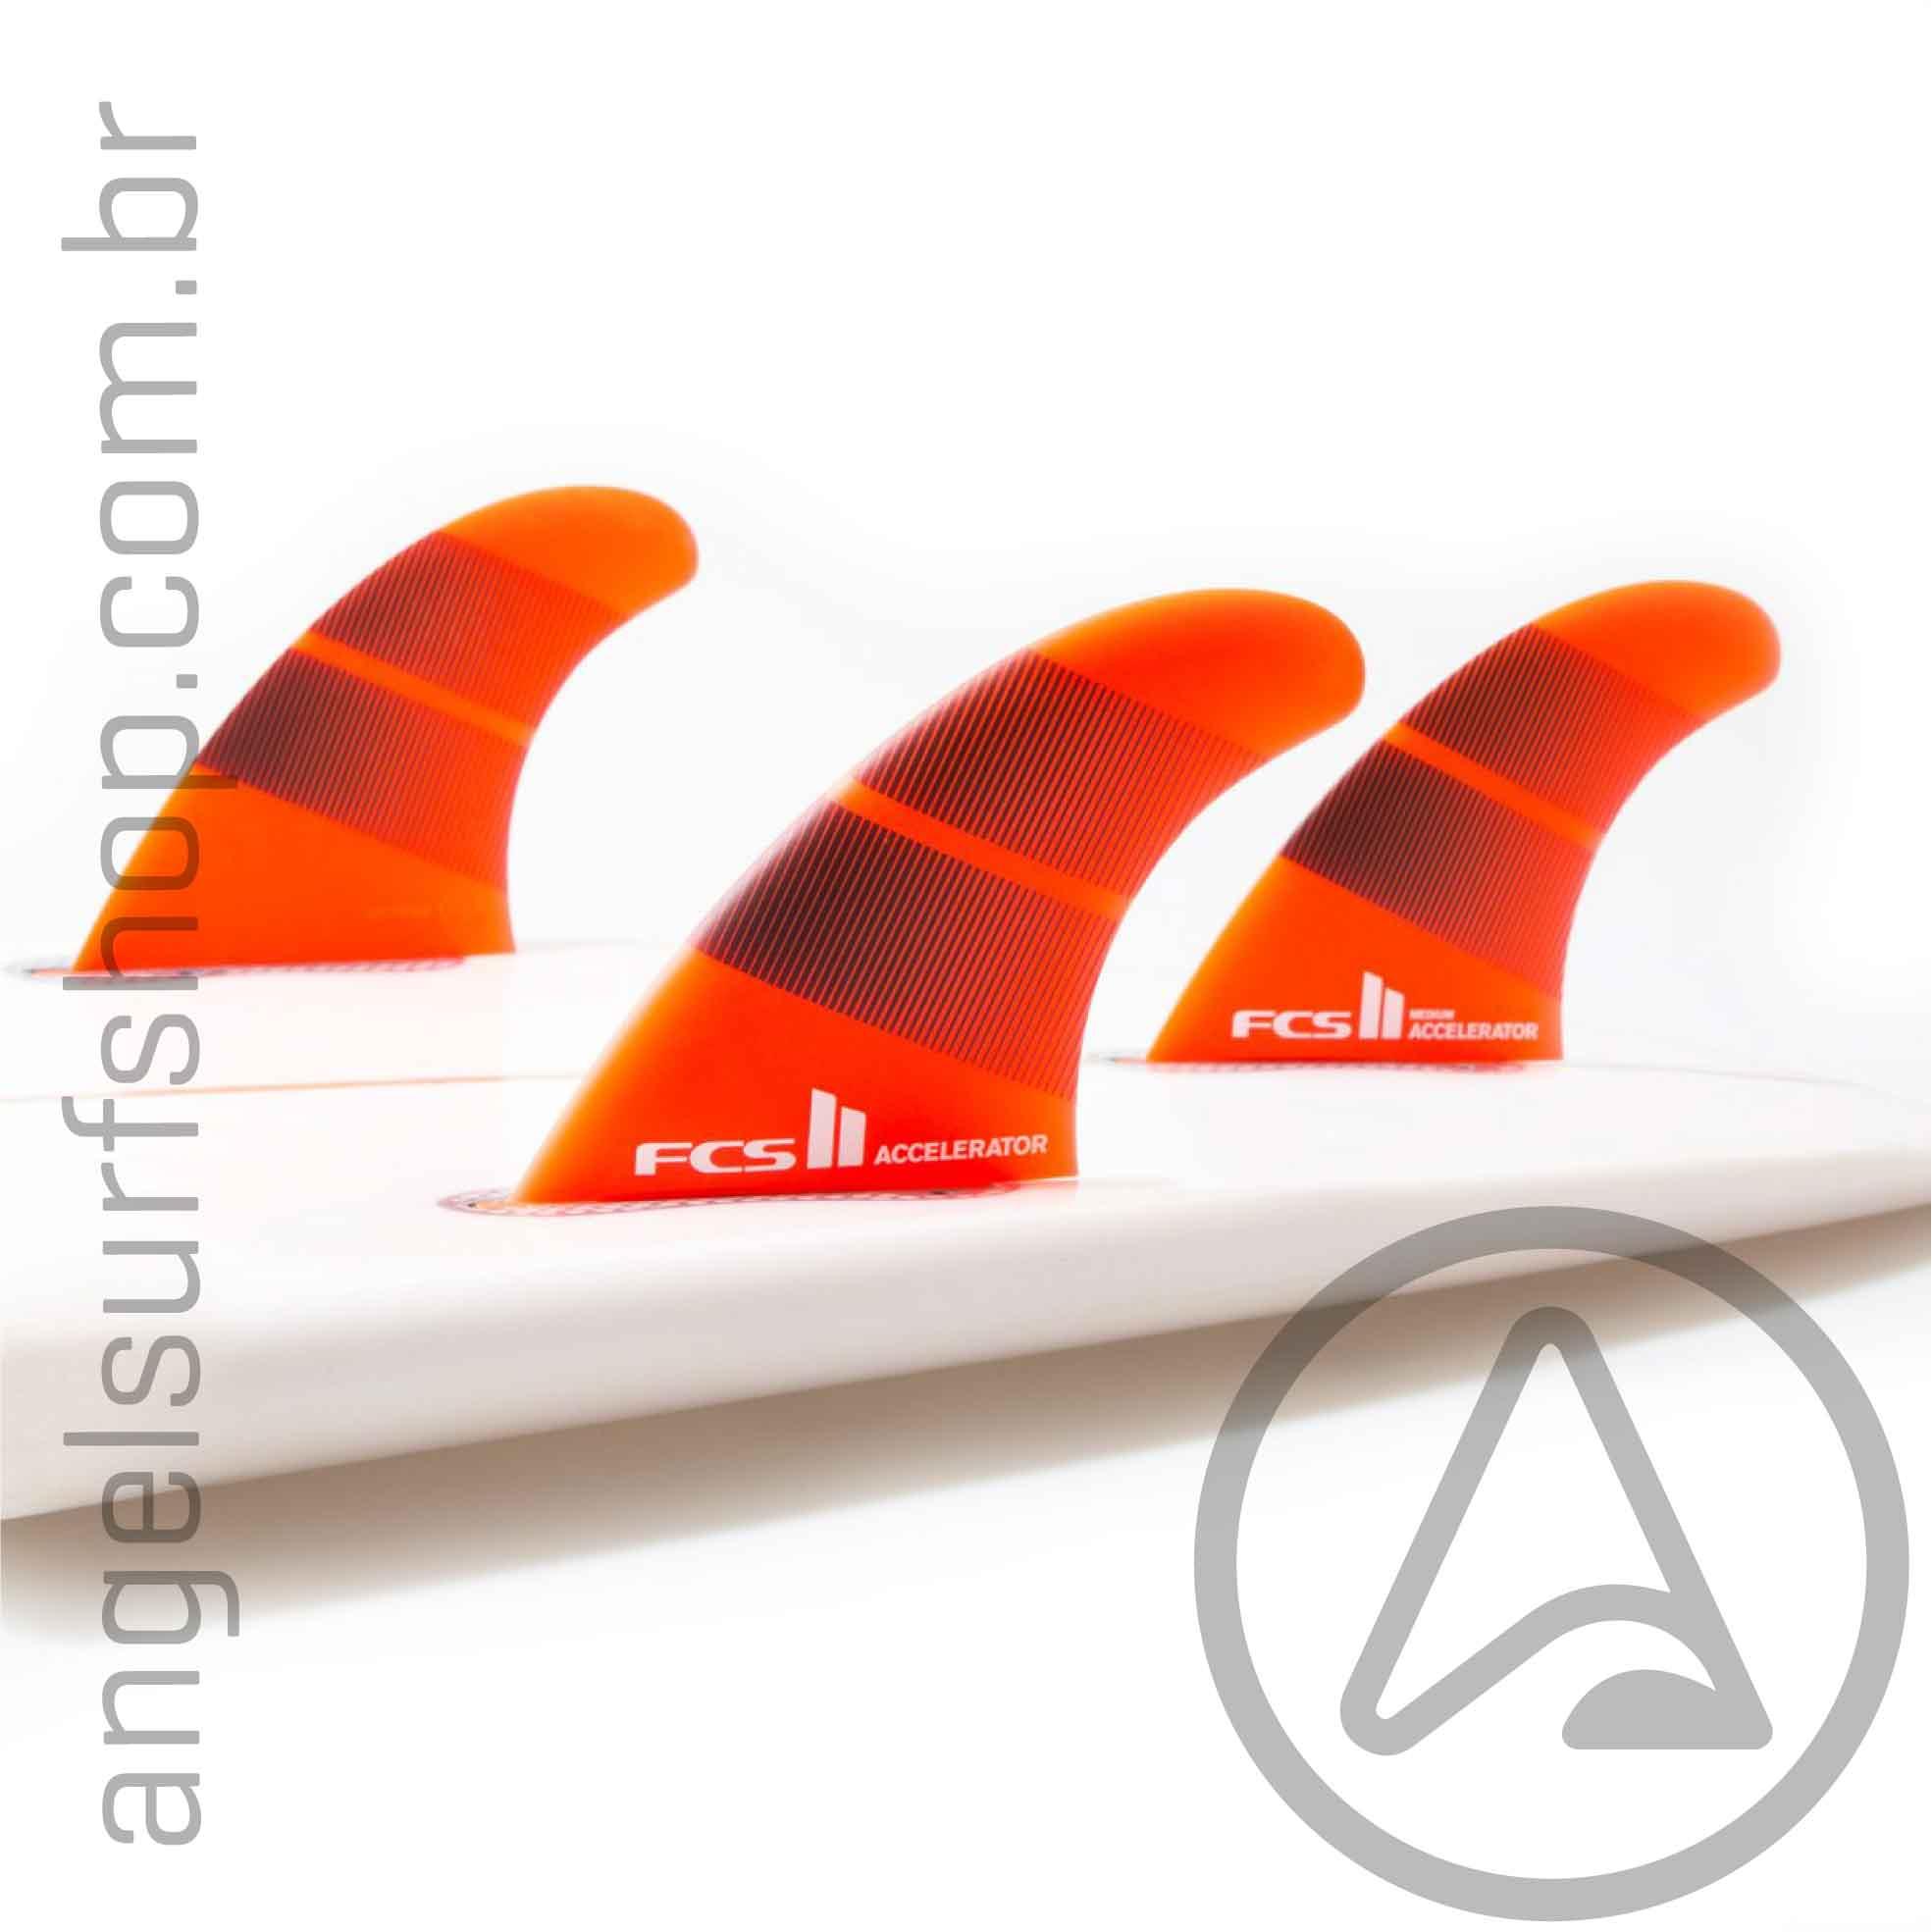 Quilha FCS II Accelerator Neo Glass M/L